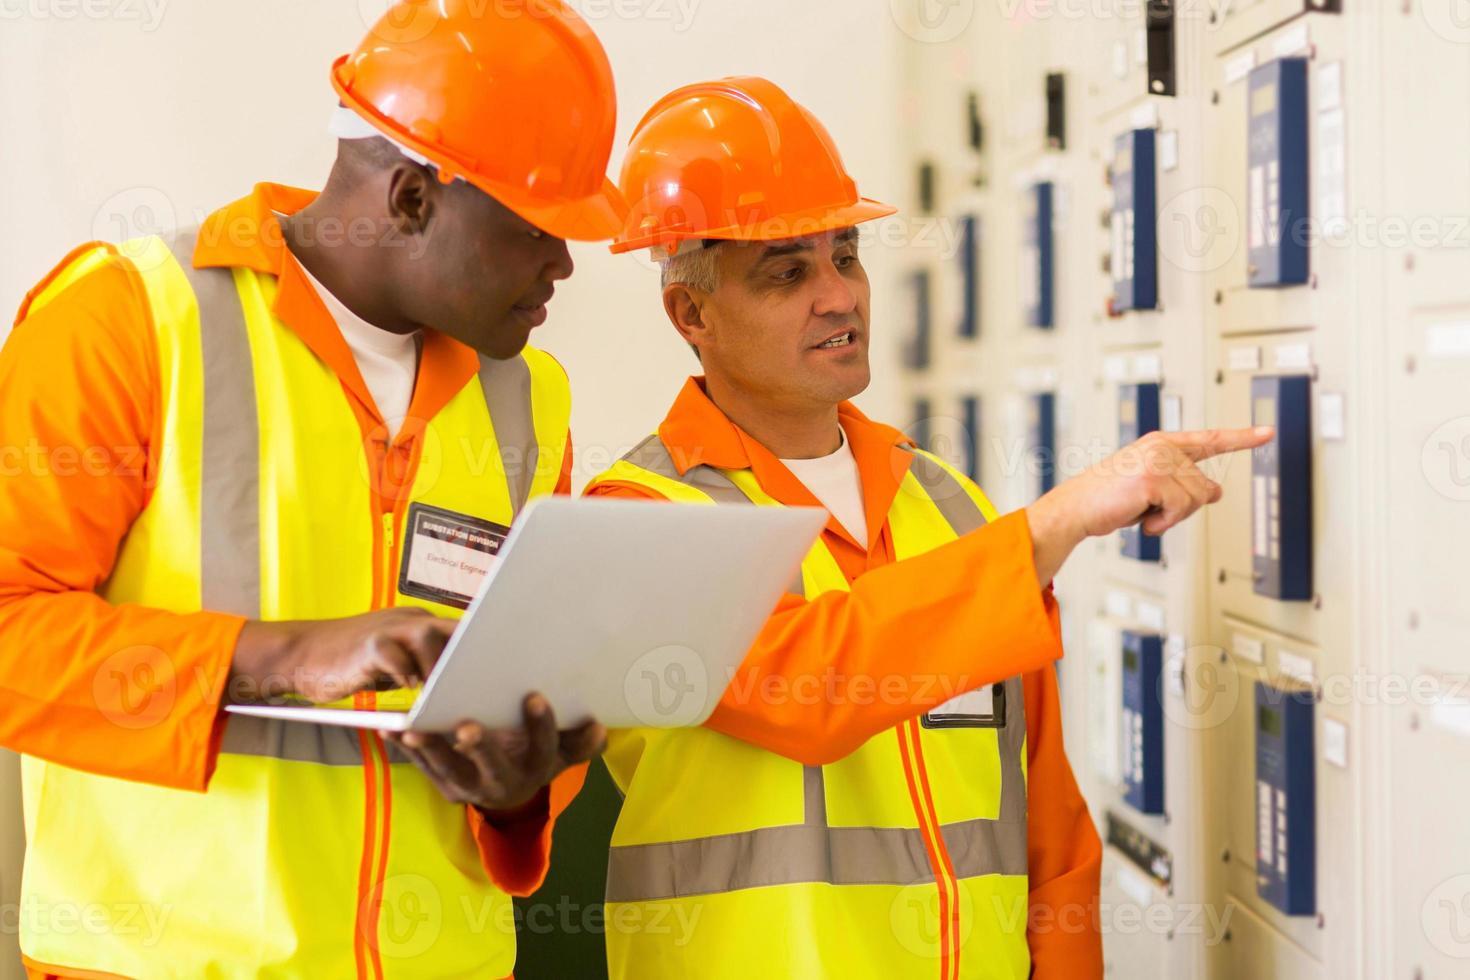 dos electricistas revisando la caja de control industrial foto